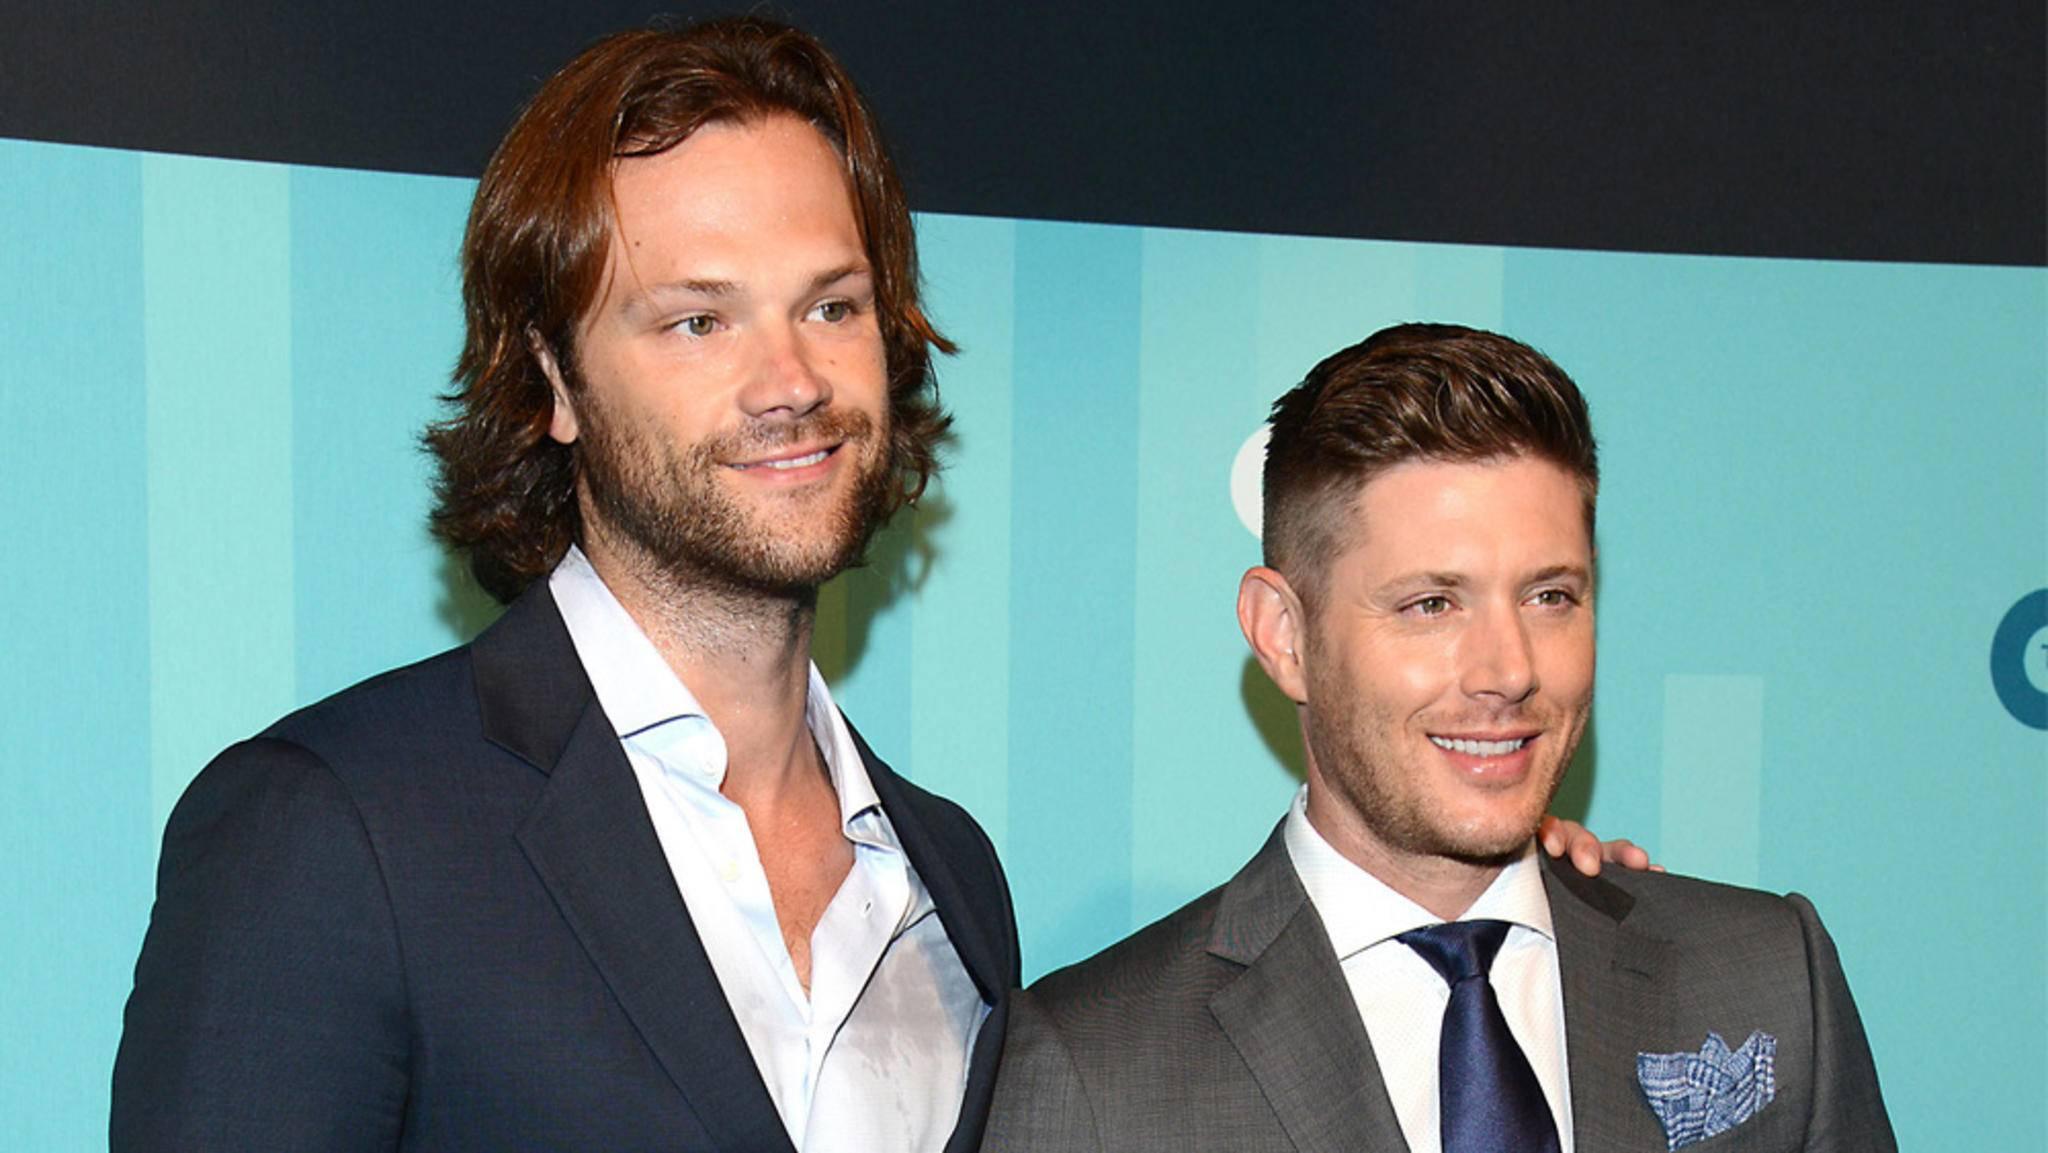 Jared Padalecki (l.) und Jensen Ackles (r.) jagen bald mit vierbeiniger Unterstützung Monster und Dämonen – zumindest für eine Folge.